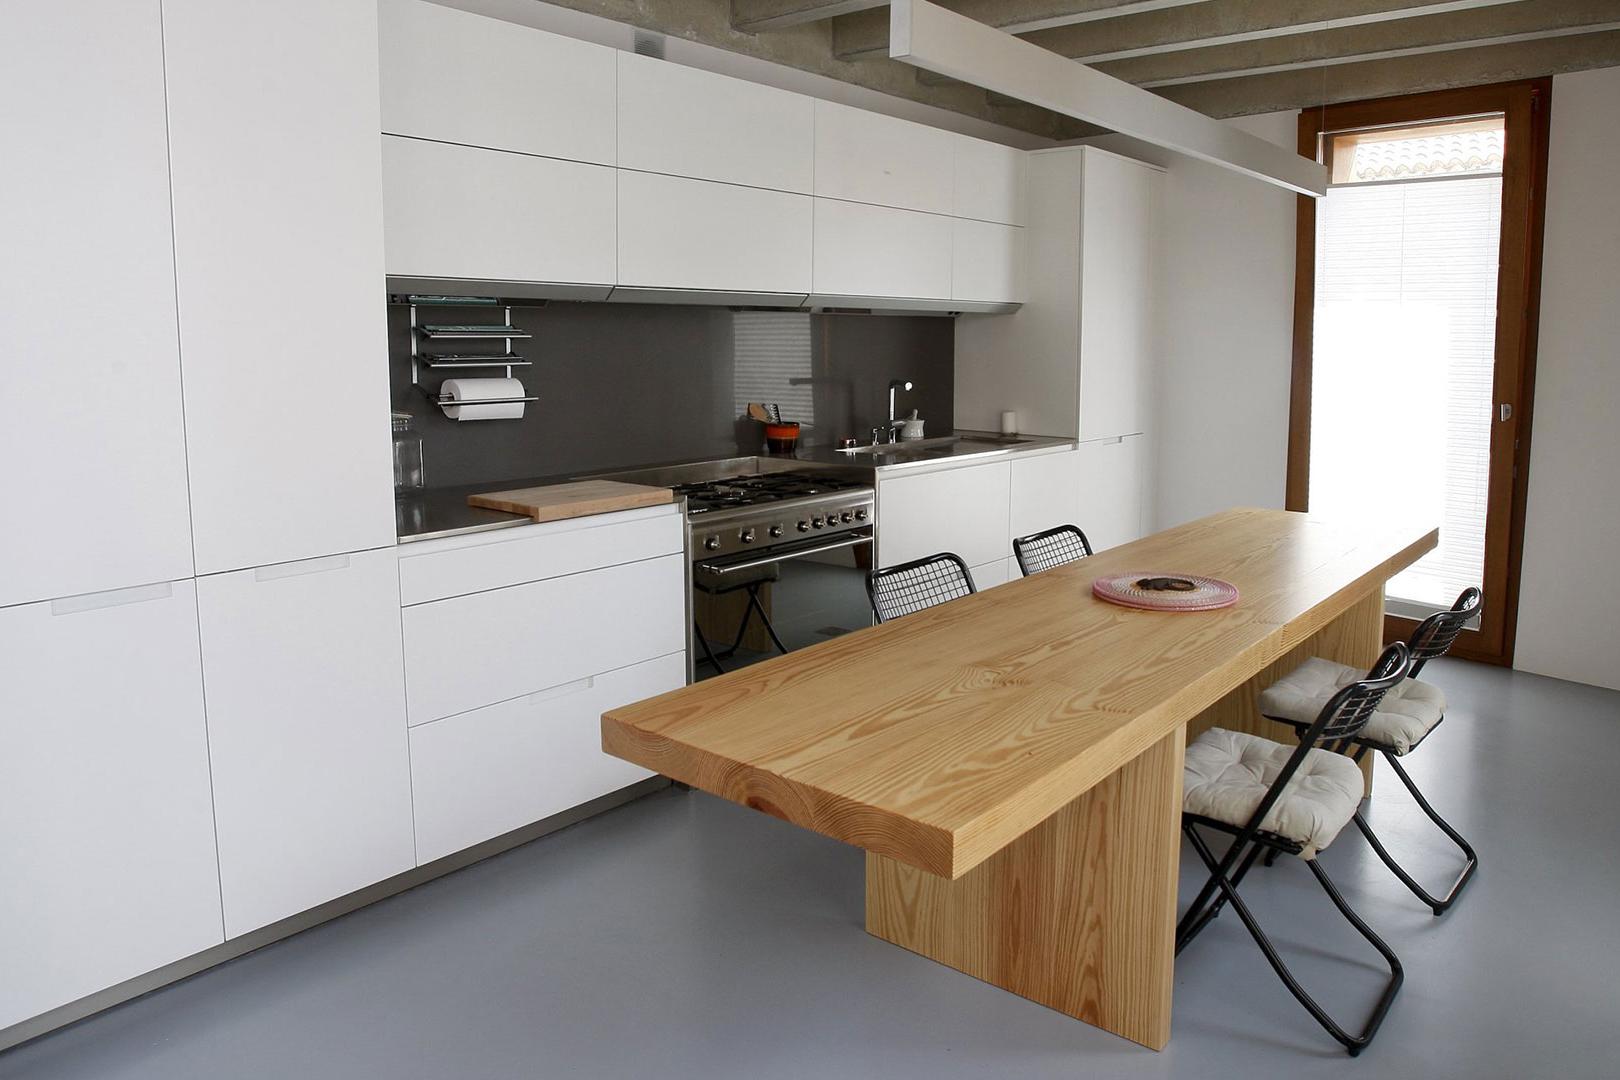 Encimeras de cocina | Acero | Cocinas Santos | Santiago Interiores